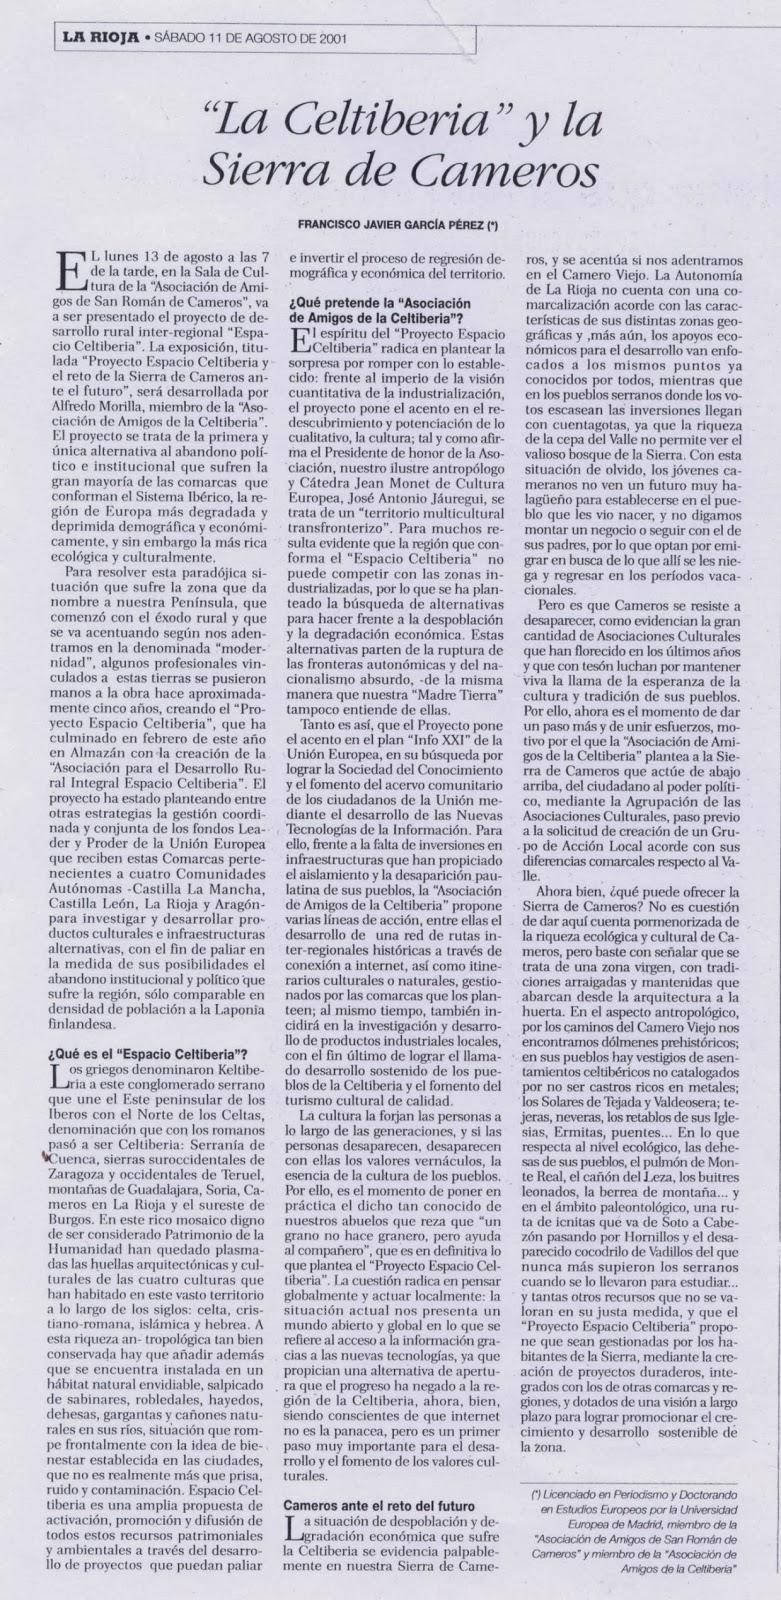 La Celtiberia y la Sierra de Cameros, La Rioja, 11 de agosto de 2001.